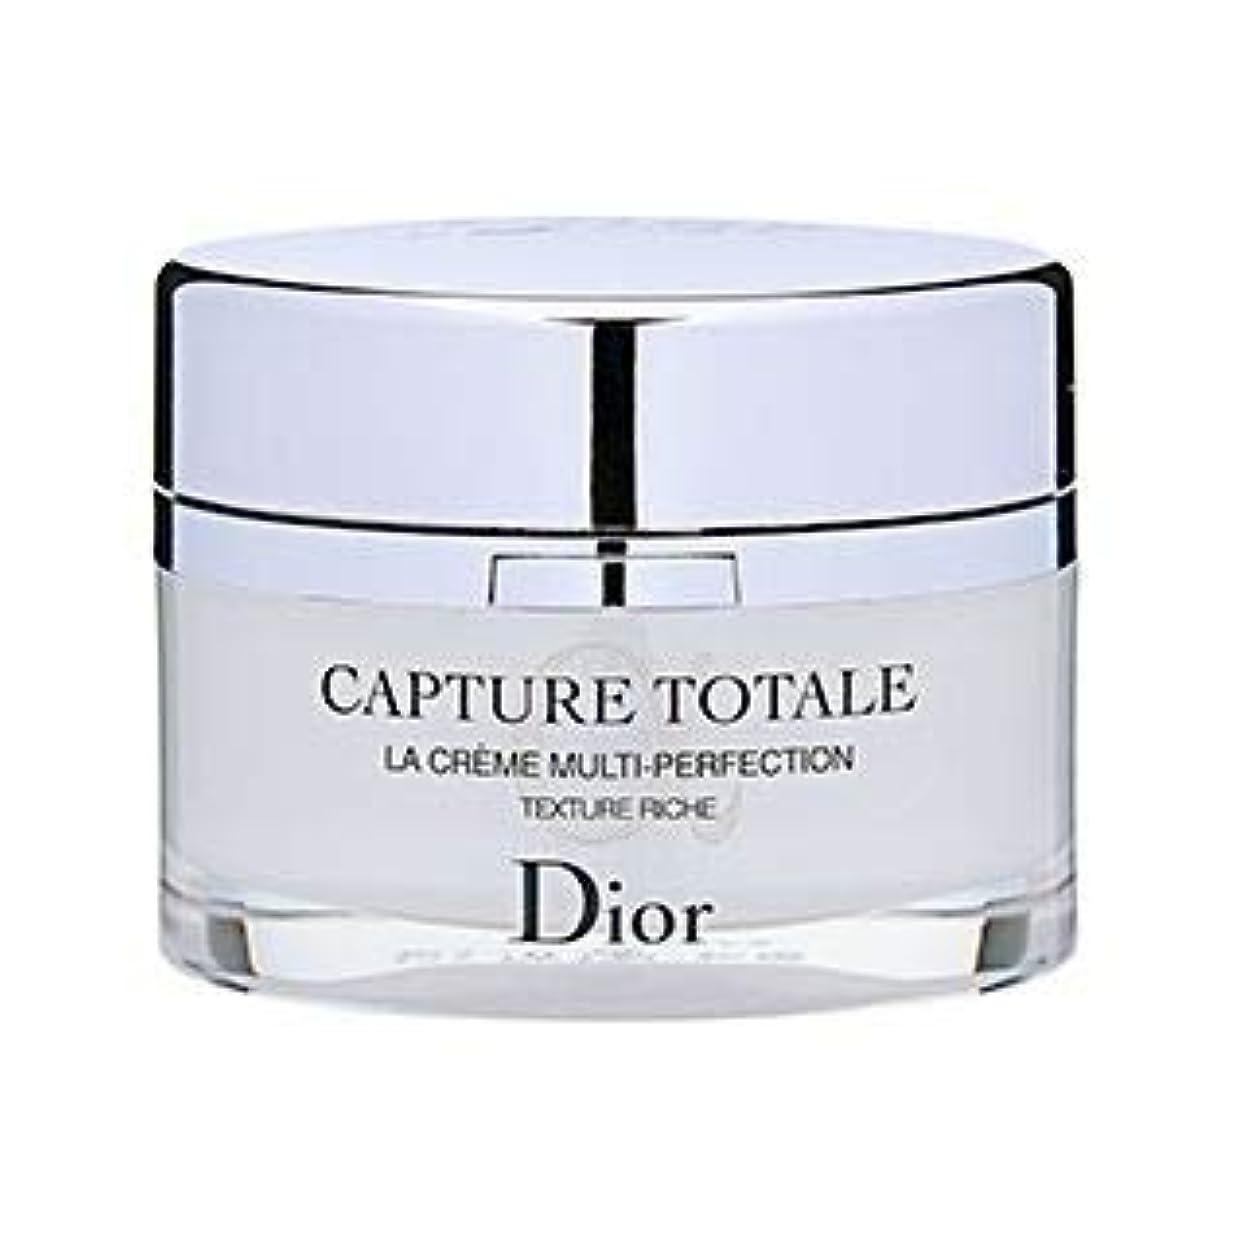 邪魔する砦マナーディオール(Dior) カプチュール トータル リッチ クリーム [並行輸入品]